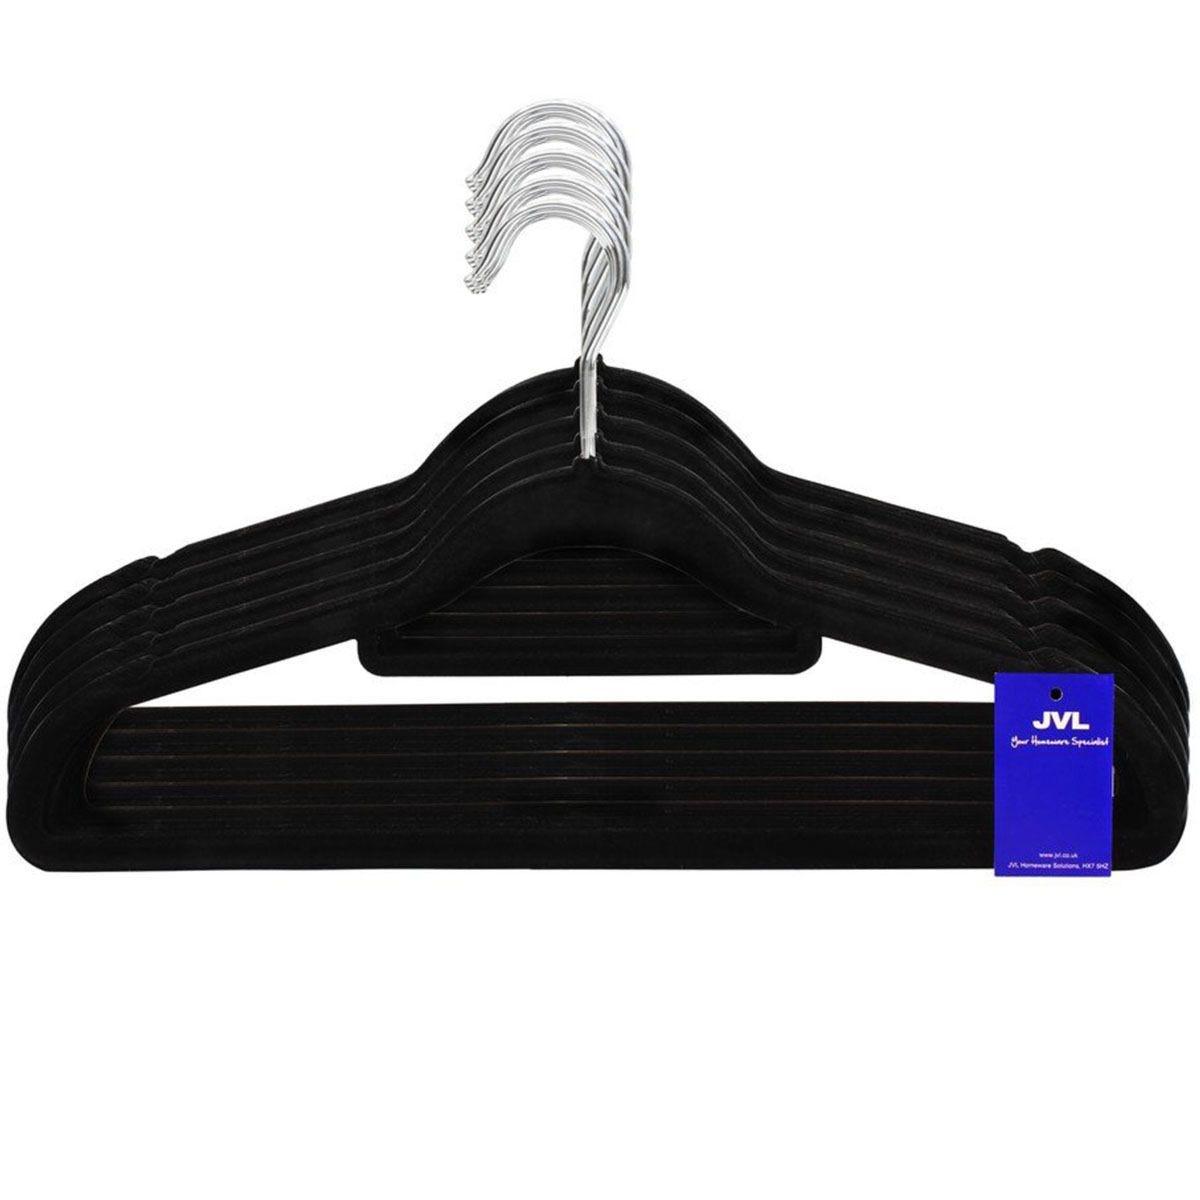 JVL Black Velvet Touch Non-Slip Medium Coat Hangers - Pack of 100